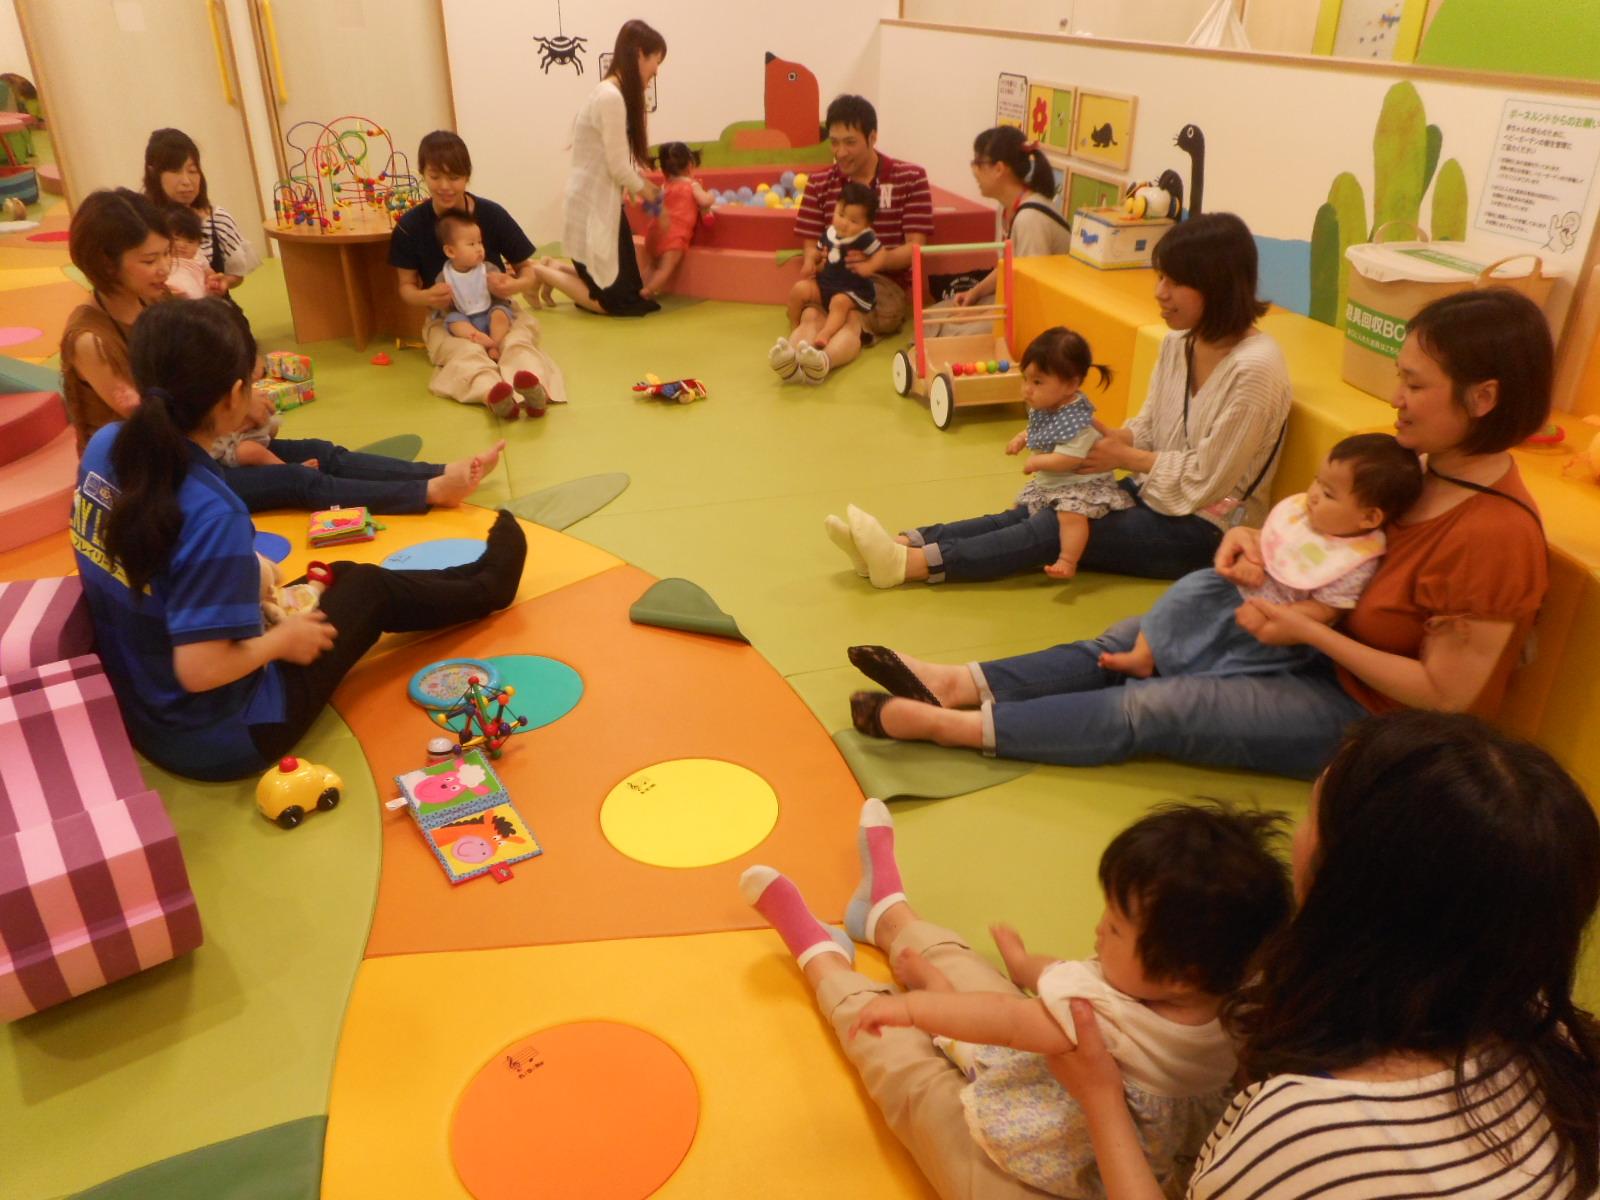 7月 赤ちゃんの日のイベントの様子 Part1